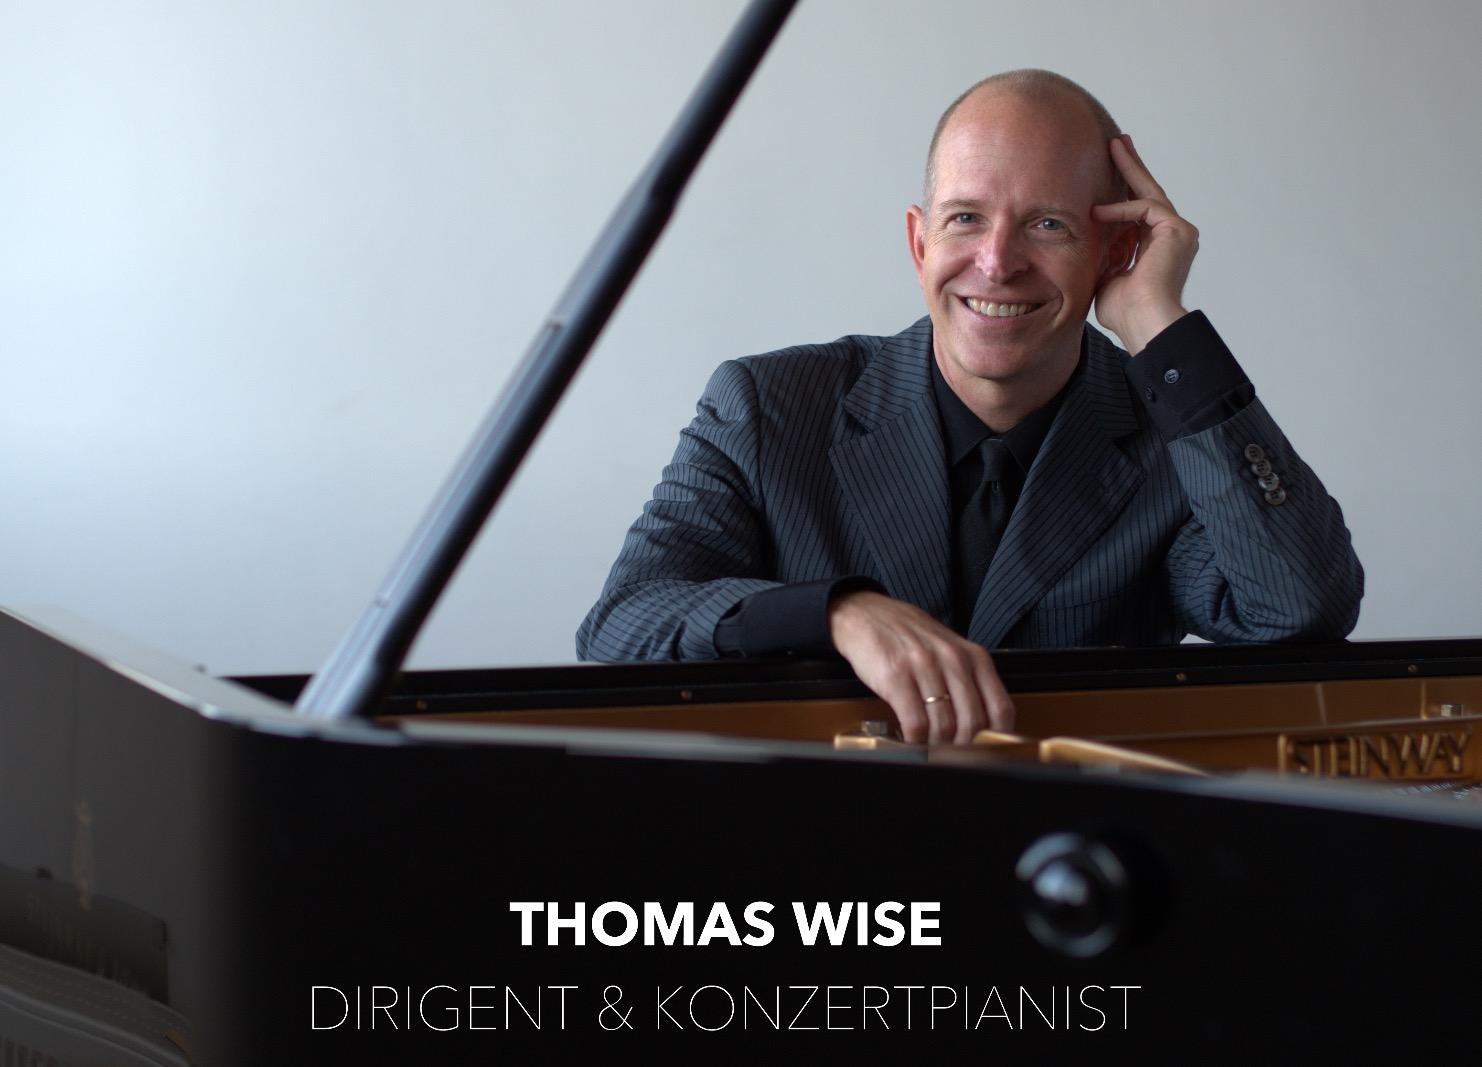 Thomas Wise